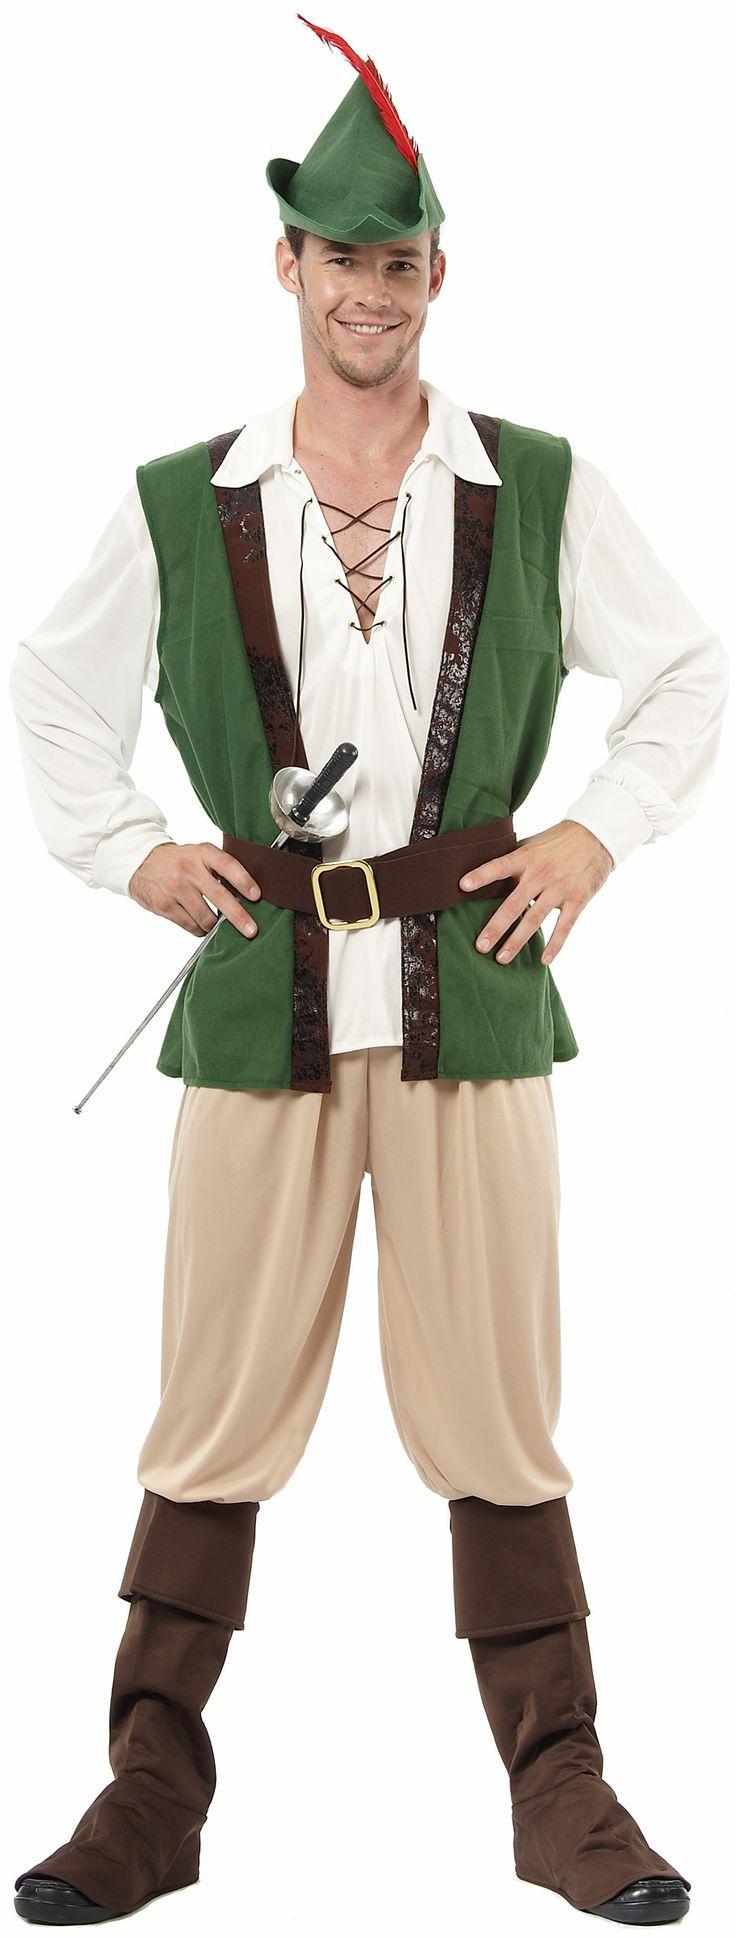 Dit Robin Hood kostuum met prestigieuze details en verzorgde afwerking bezorgt u de elegantie van de beroemde struikrover bij uw verkleedfeestjes of bij carnaval.